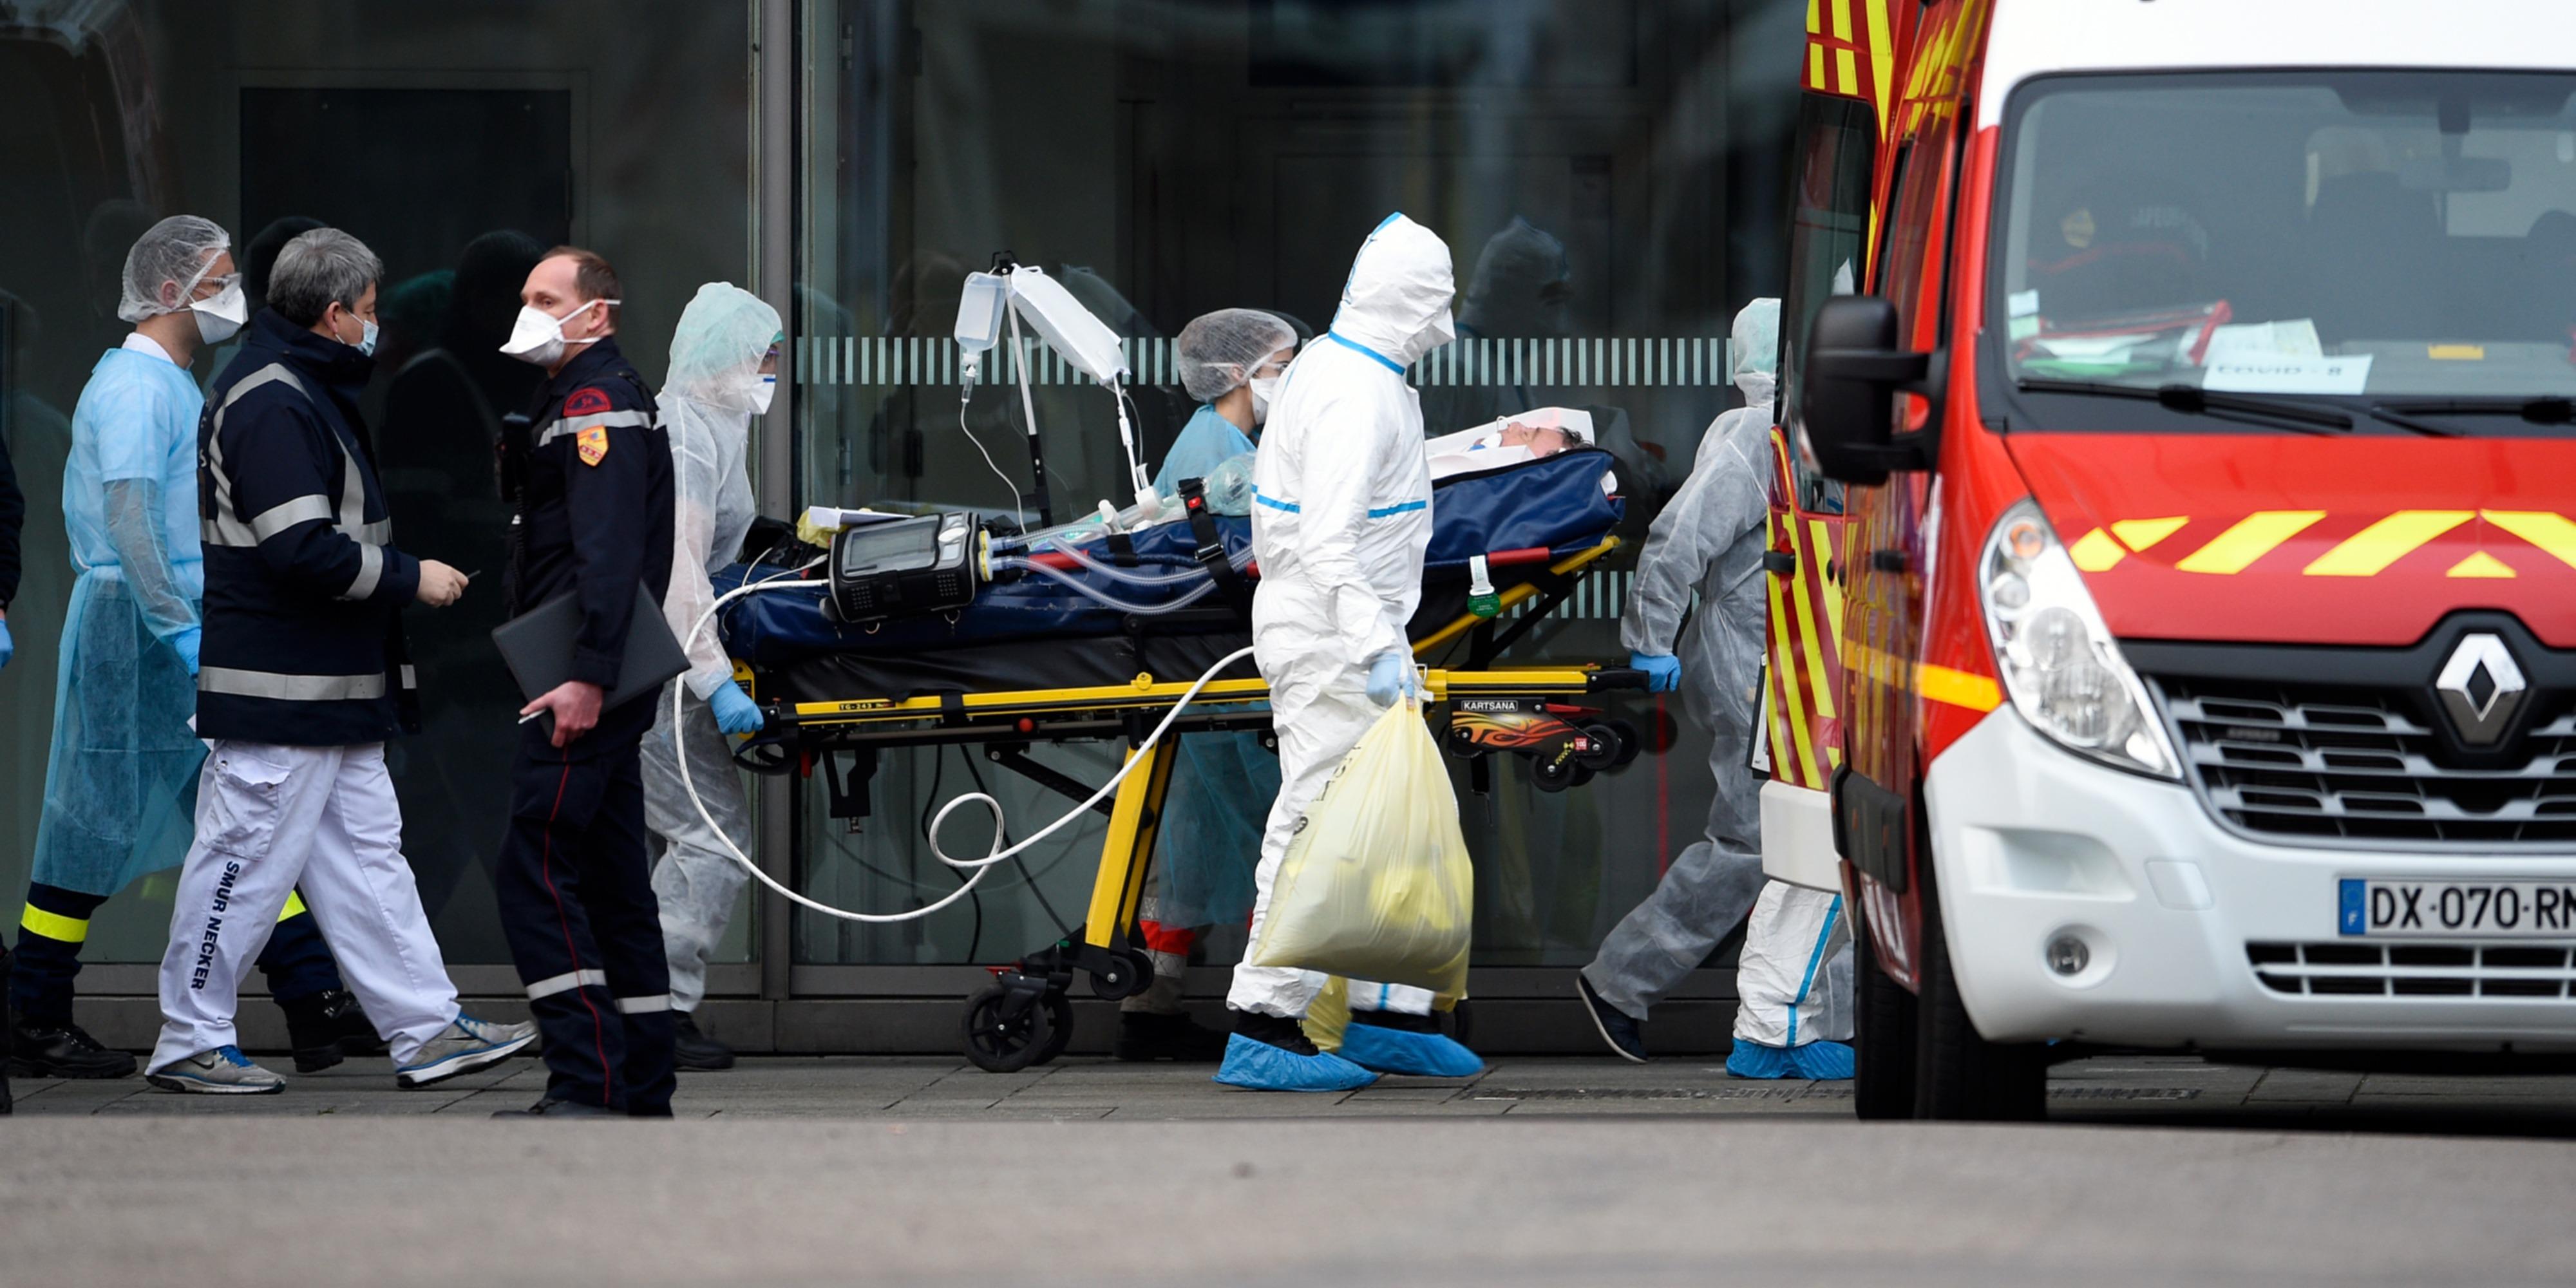 Coronavirus 357 Morts En 24 Heures En France Chiffre Le Plus Bas Depuis Une Semaine